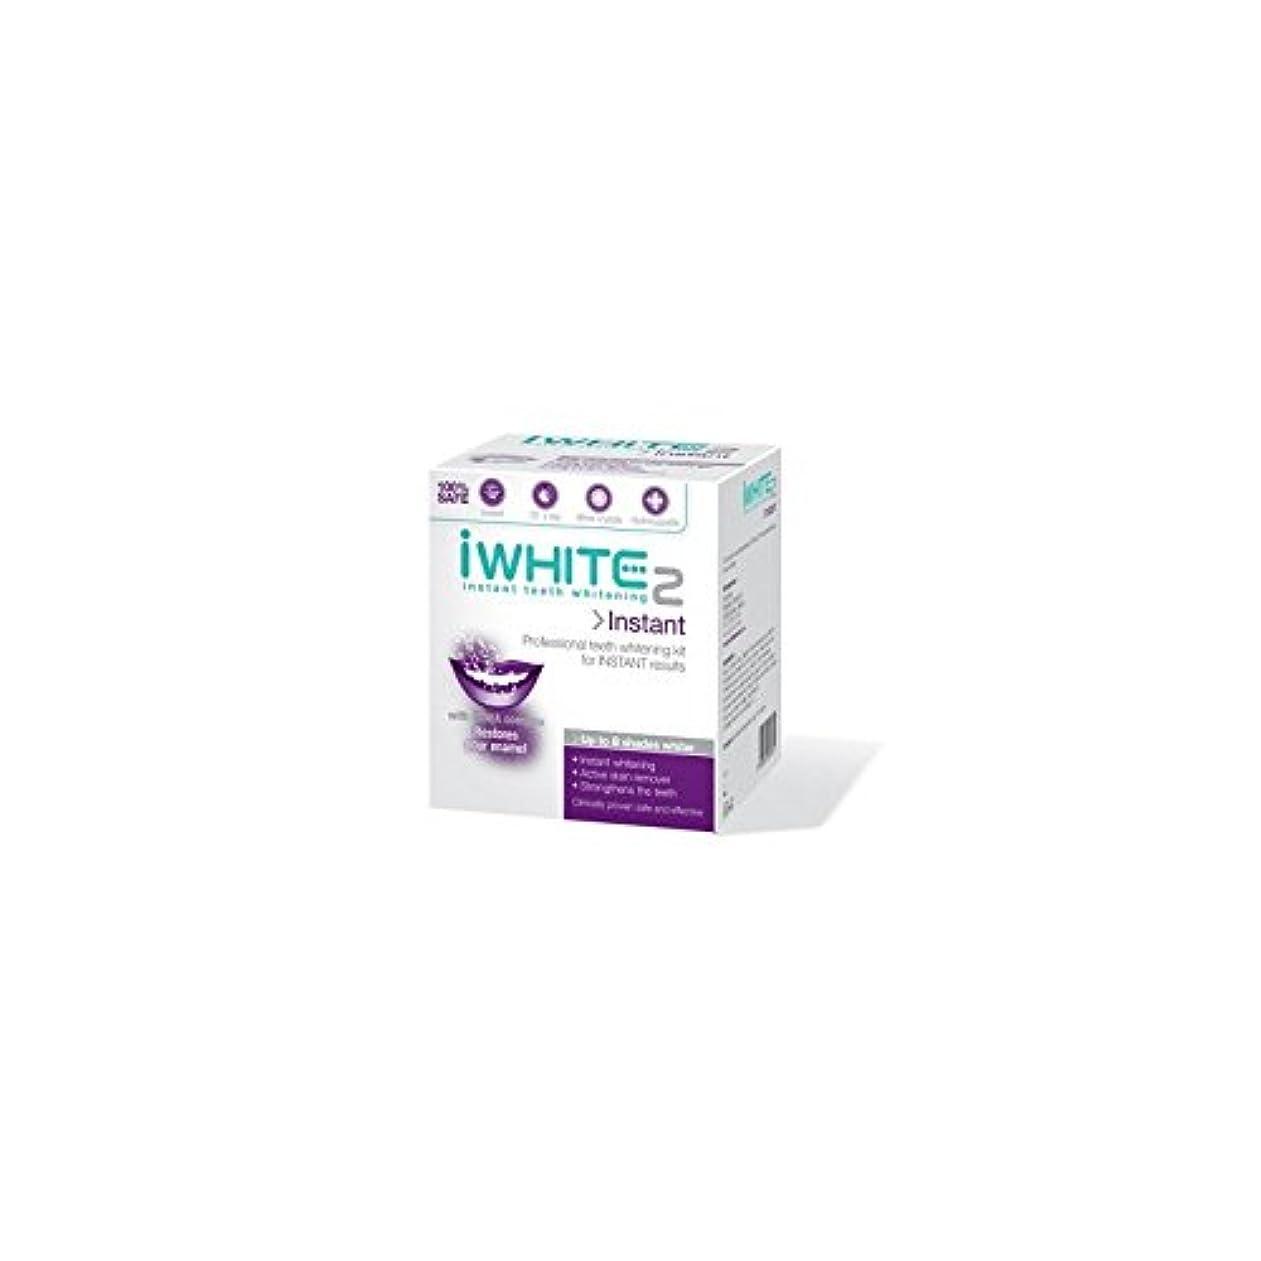 相互手綱生むiWhite Instant 2 Professional Teeth Whitening Kit (10 Trays) (Pack of 6) - インスタントキットを白く2本のプロ歯(10トレイ) x6 [並行輸入品]